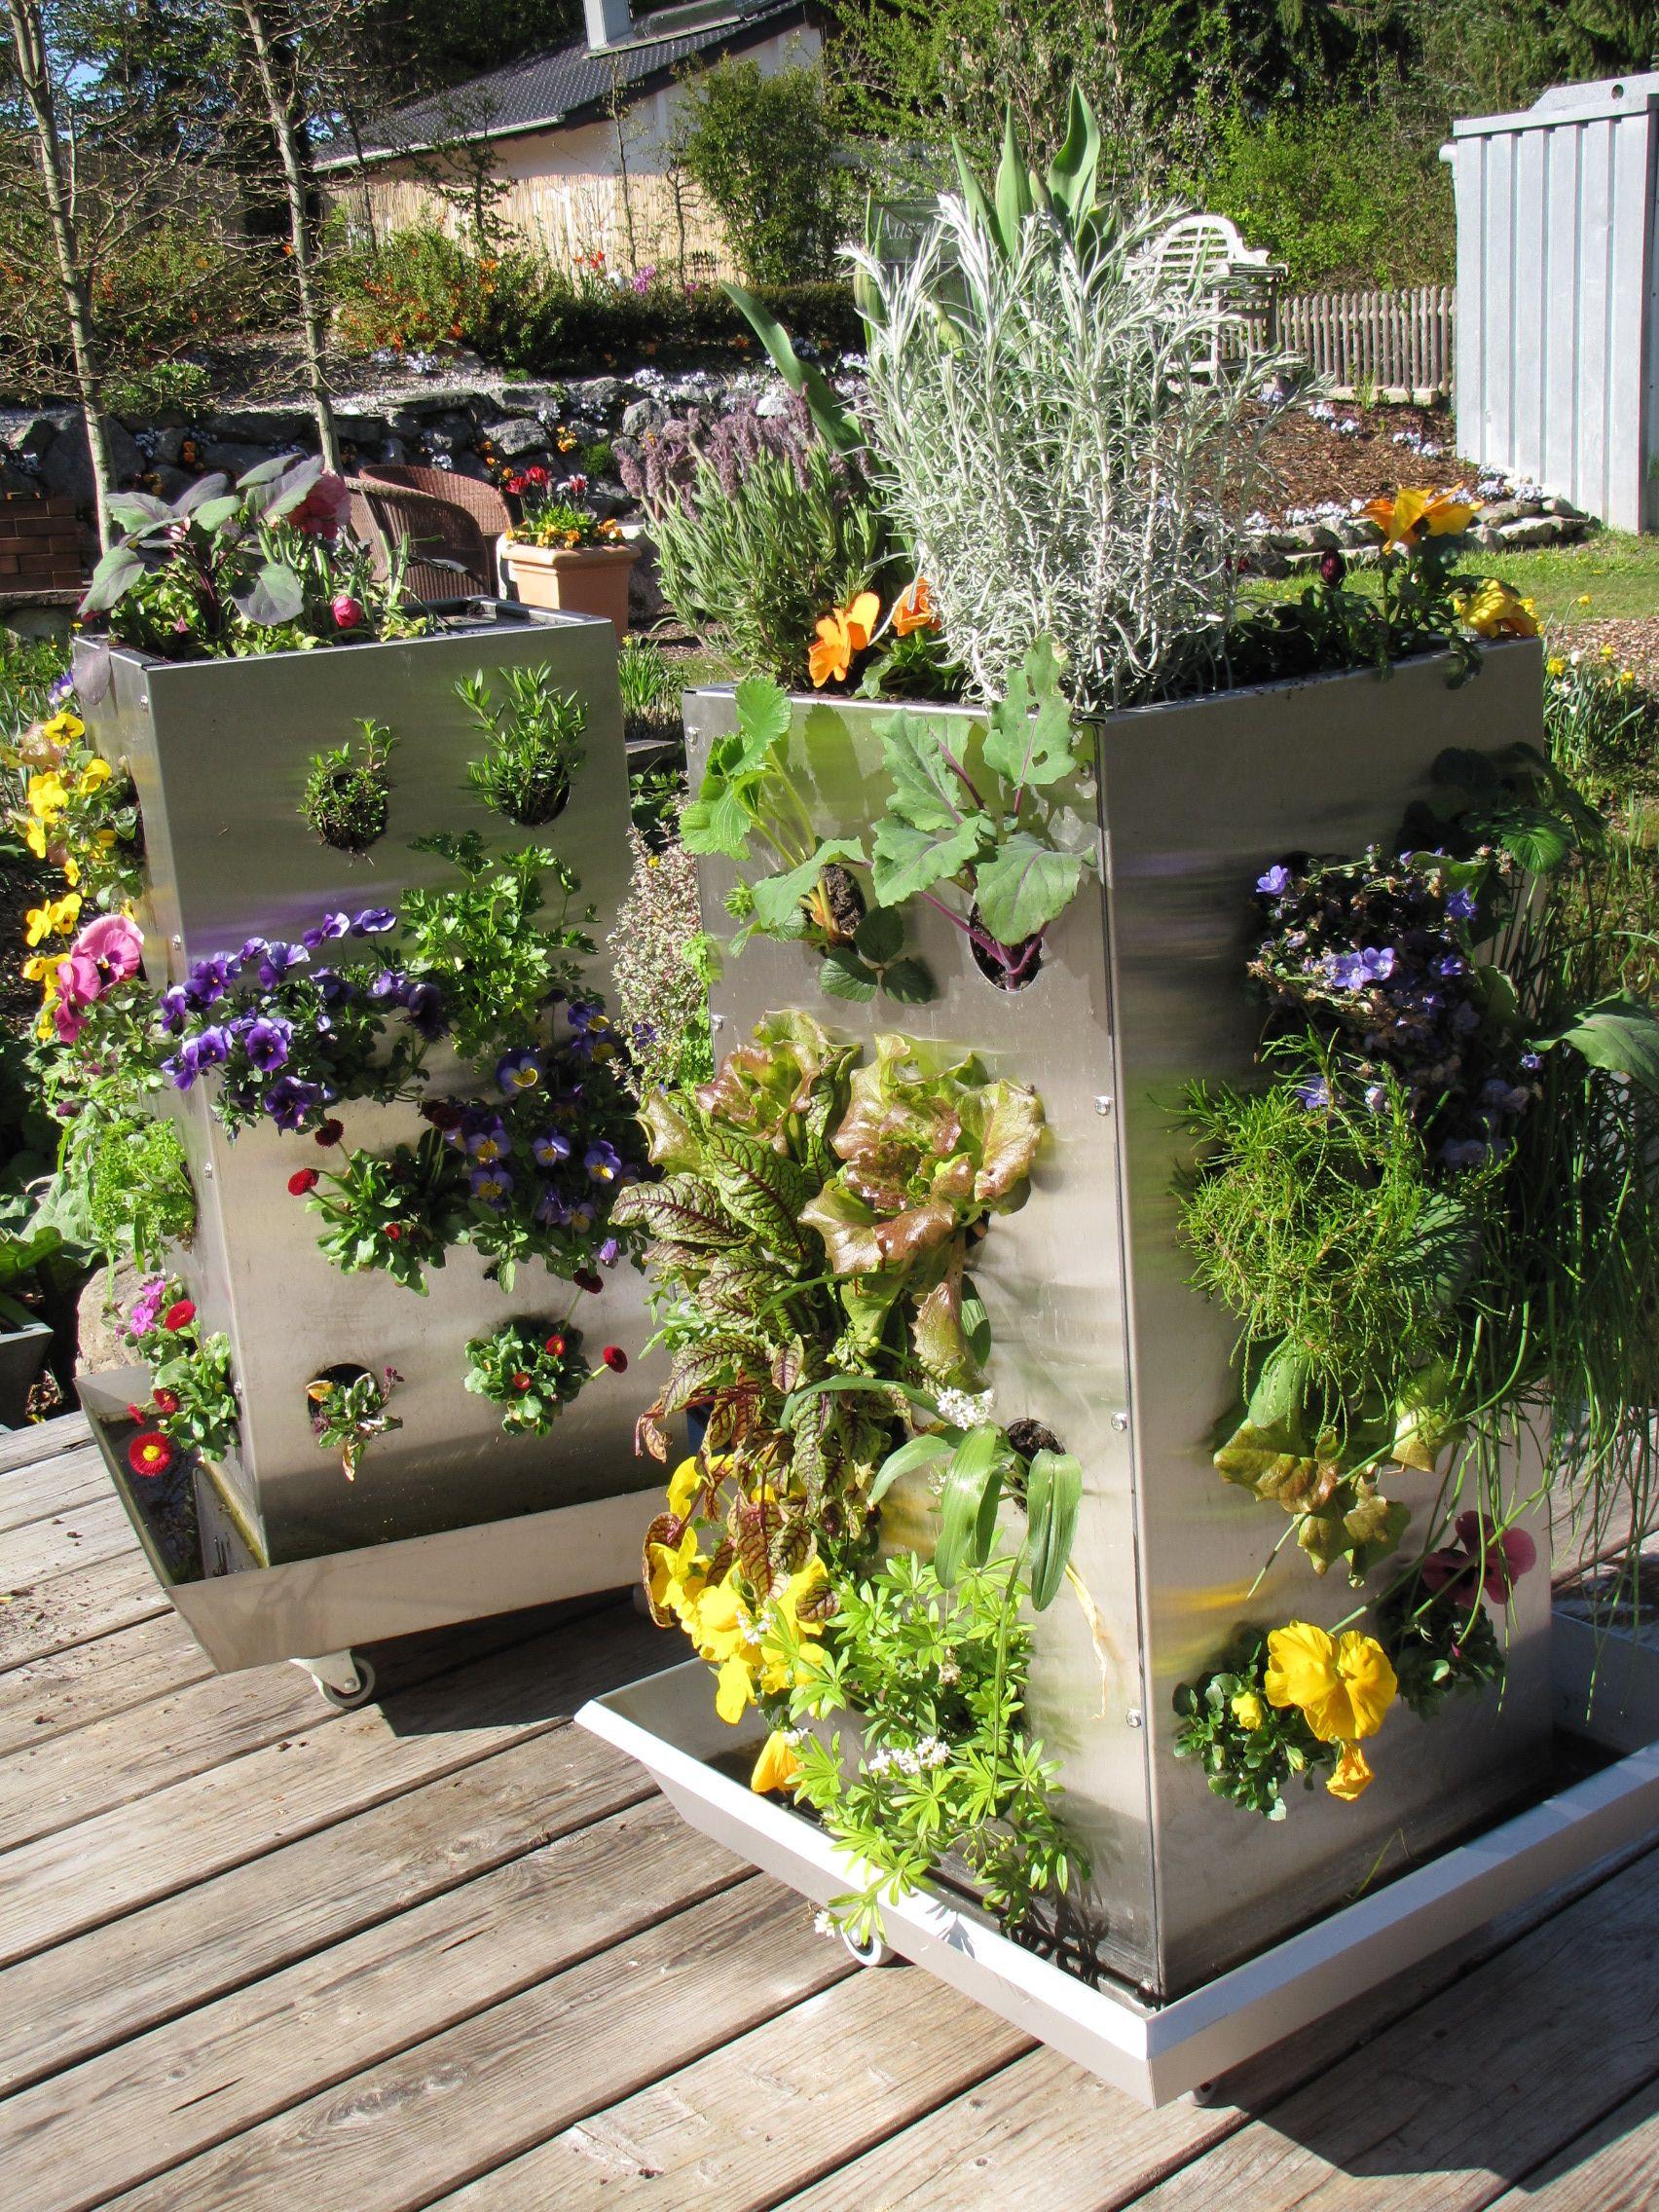 Krauter In Der Kuche Anbauen Kubi Ein Ganzer Garten Auf 1m Das